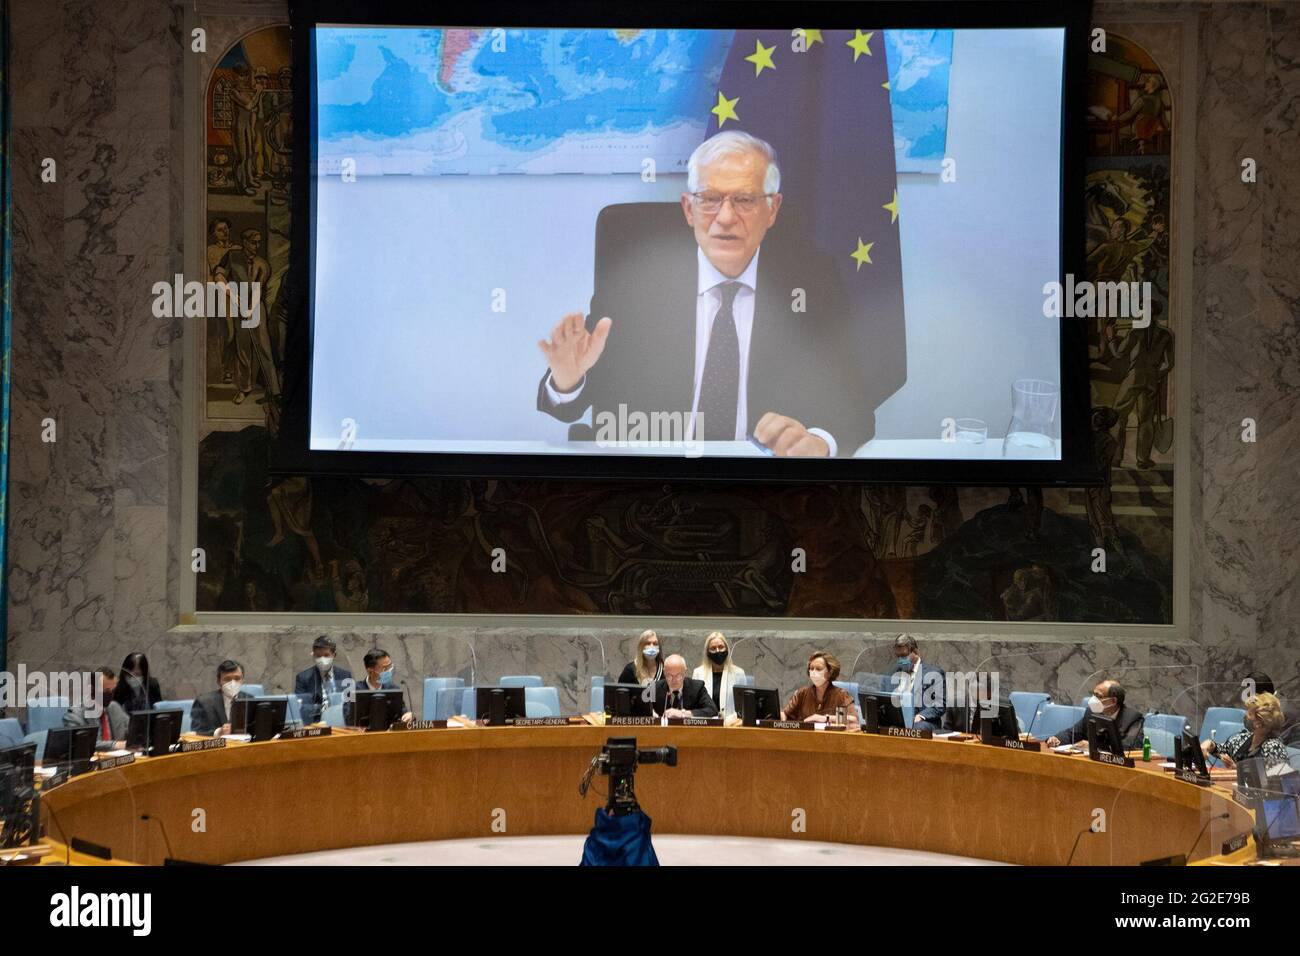 (210610) -- UNITED NATIONS, 10. Juni 2021 (Xinhua) -- Josep Borrell, der außenpolitische Chef der Europäischen Union (auf dem Bildschirm), spricht am 10. Juni 2021 im UN-Hauptquartier in New York über einen Videolink zu einer Sitzung des Sicherheitsrates über die Zusammenarbeit zwischen der UN und der EU. Josep Borrell rief am Donnerstag zu Bemühungen auf, den Multilateralismus zum Leben zu erwecken. (Eskinder Debebe/UN Photo/Handout via Xinhua) Stockfoto